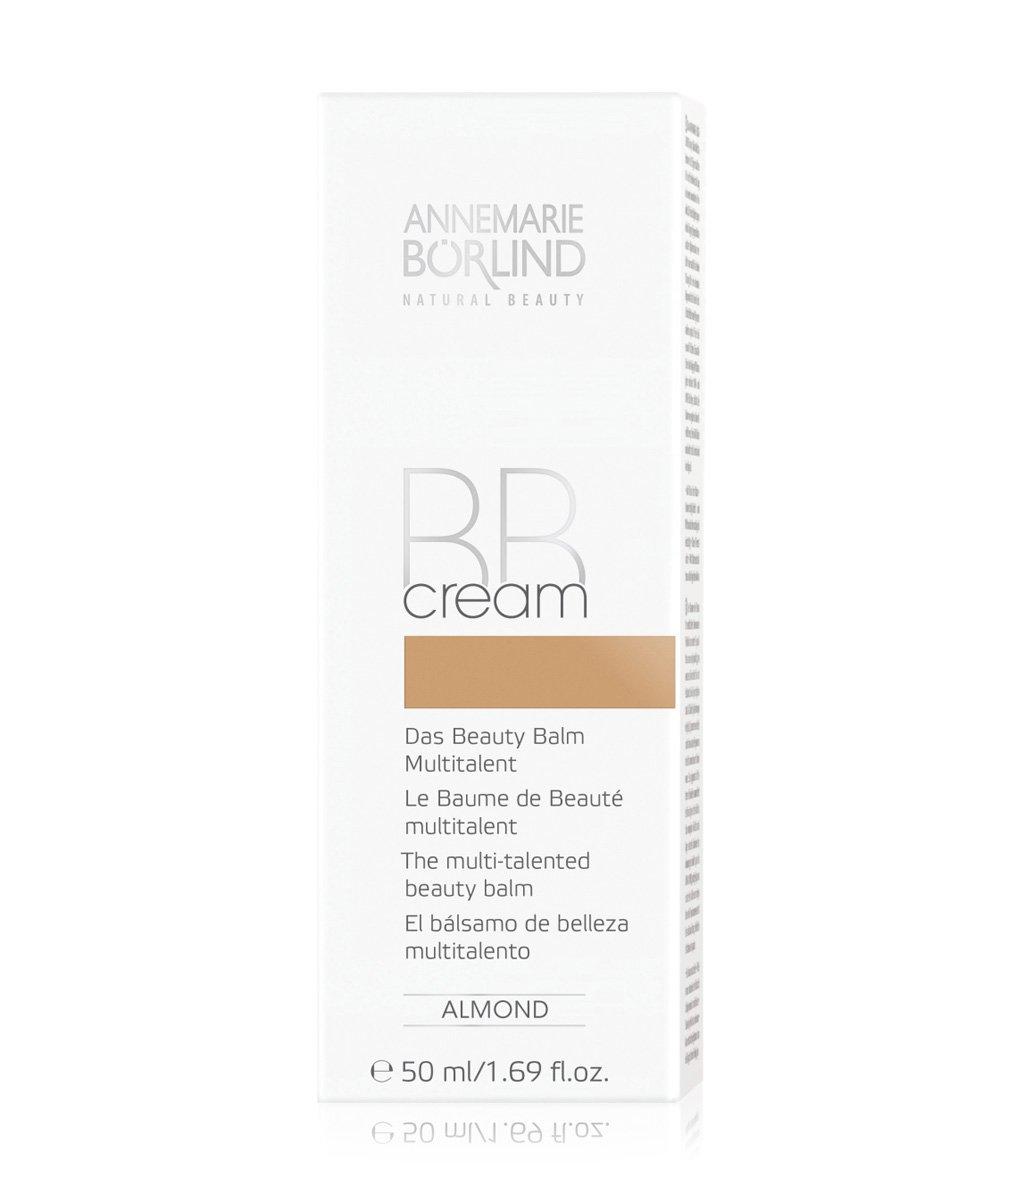 Annemarie Borlind Bb Cream Almond Getonte Gesichtscreme